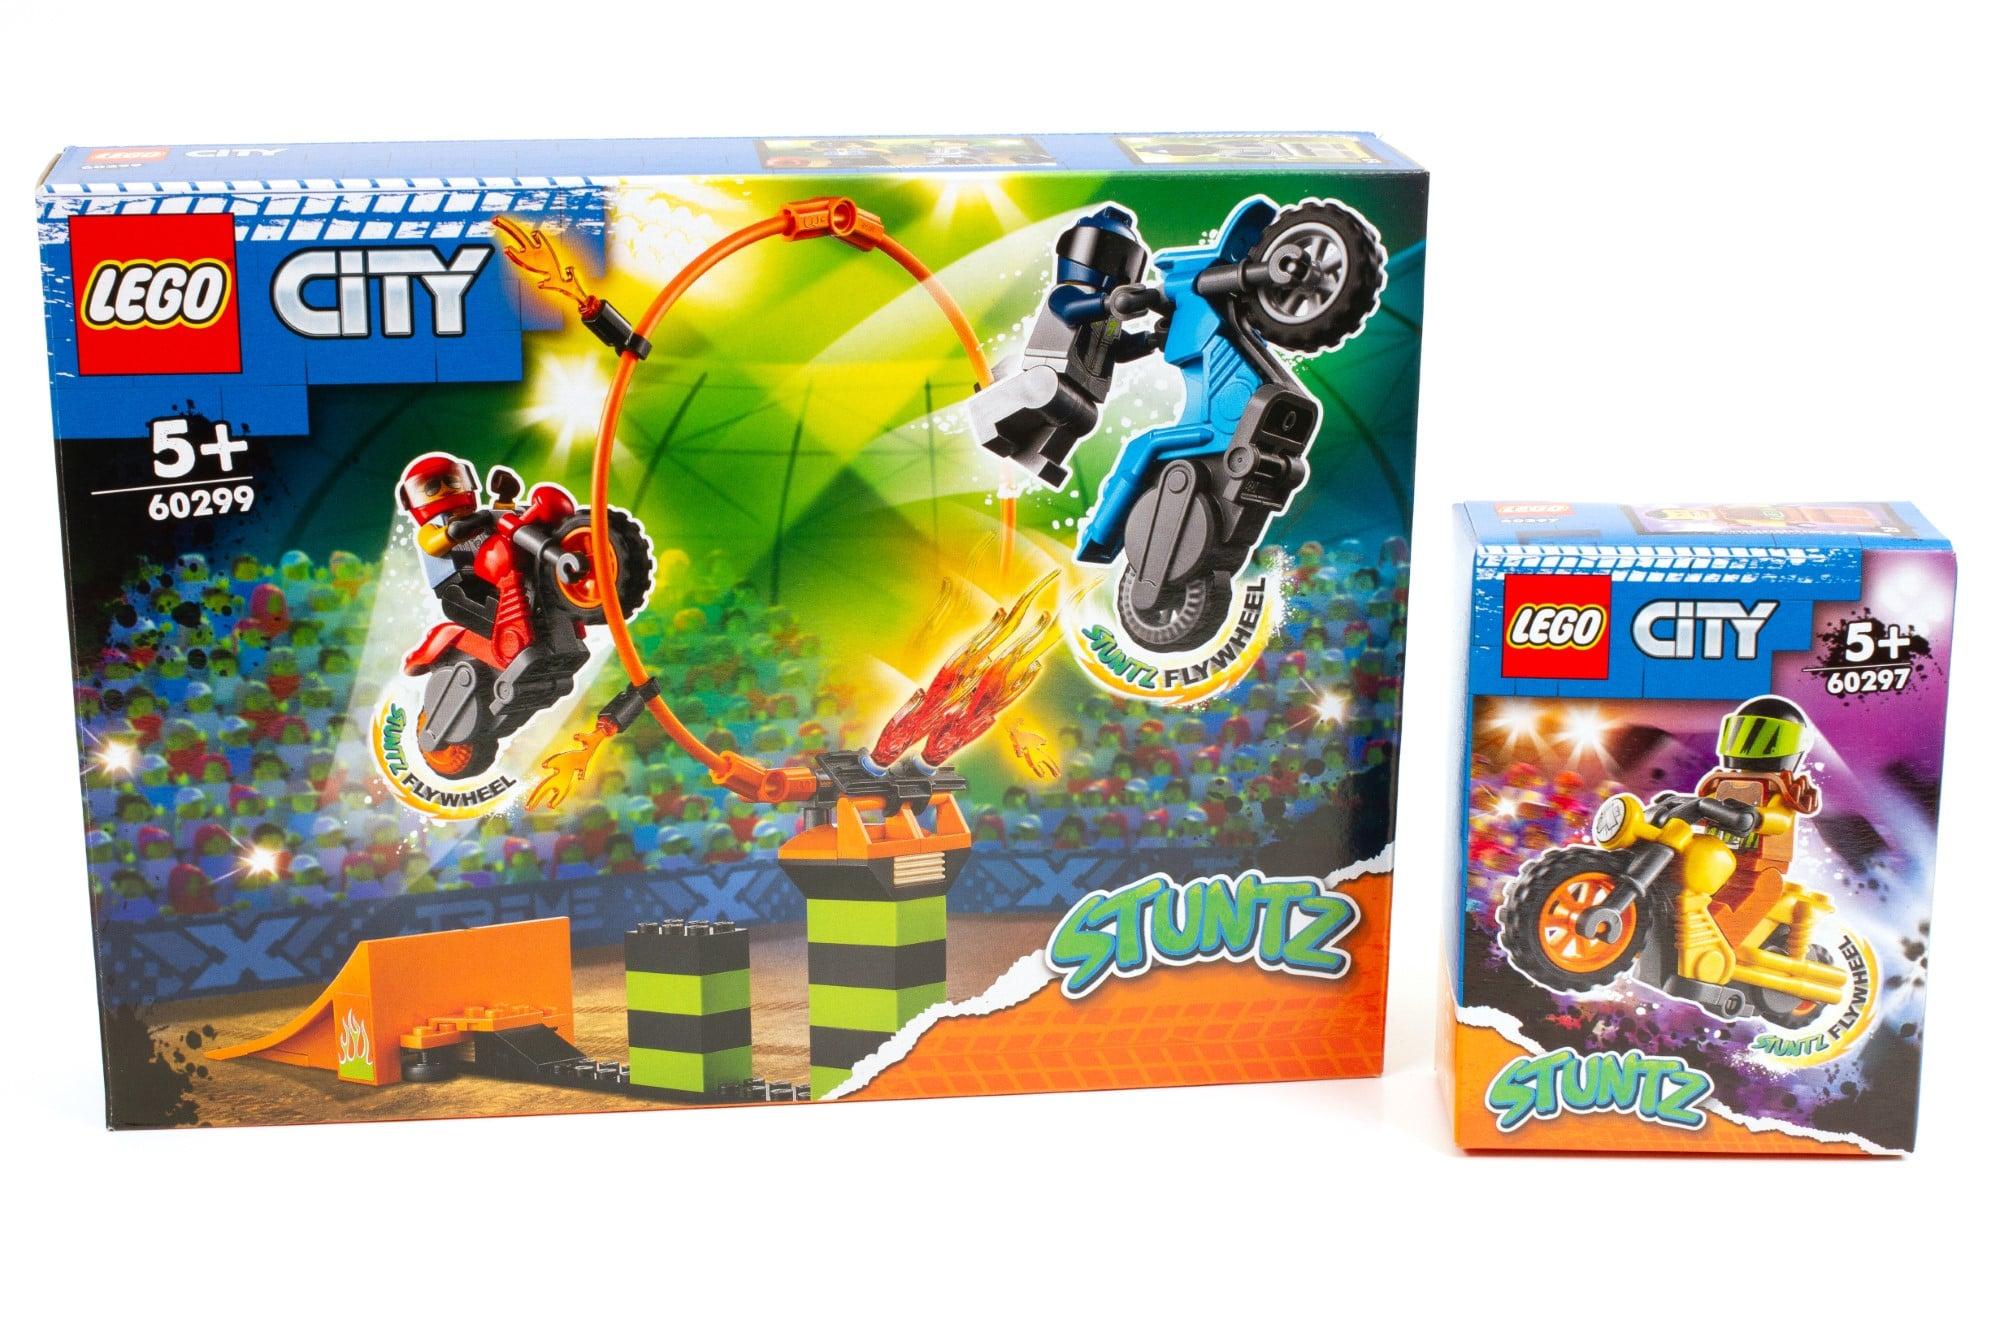 LEGO City Stuntz Praxistest 60297 60299